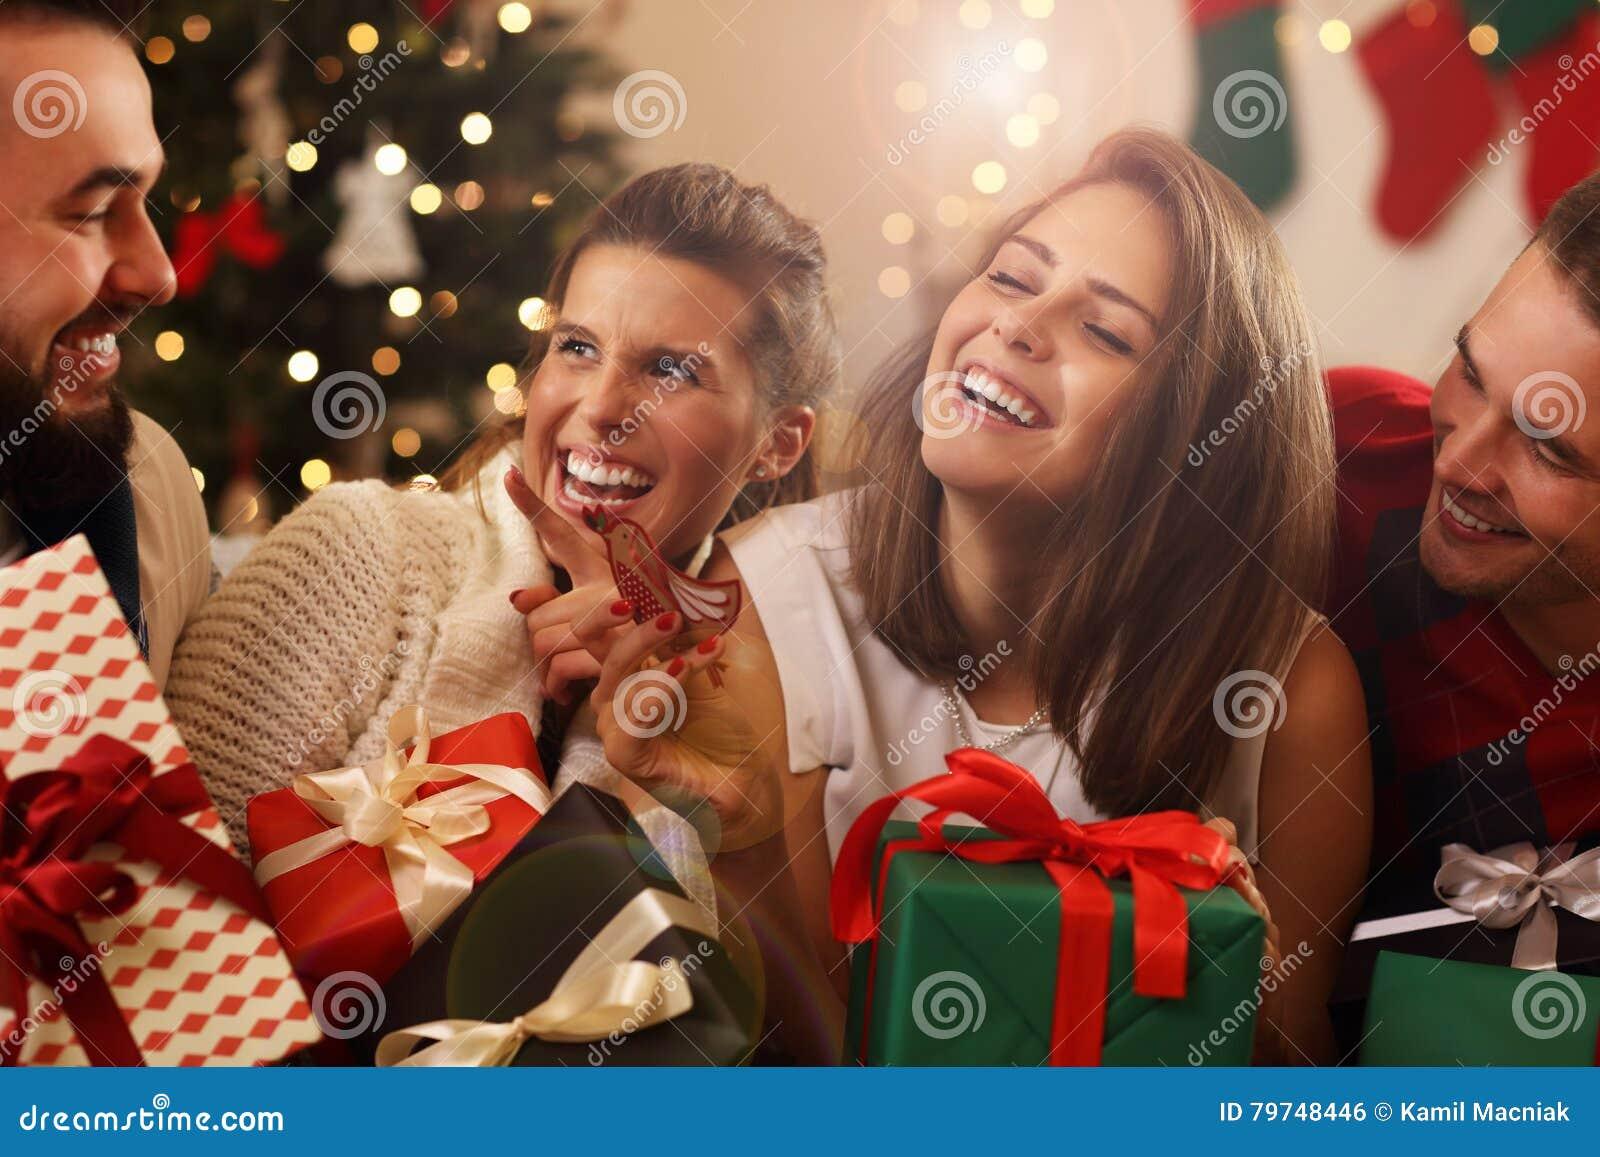 Regali Di Natale Amici.Gruppo Di Amici Con I Regali Di Natale Fotografia Stock